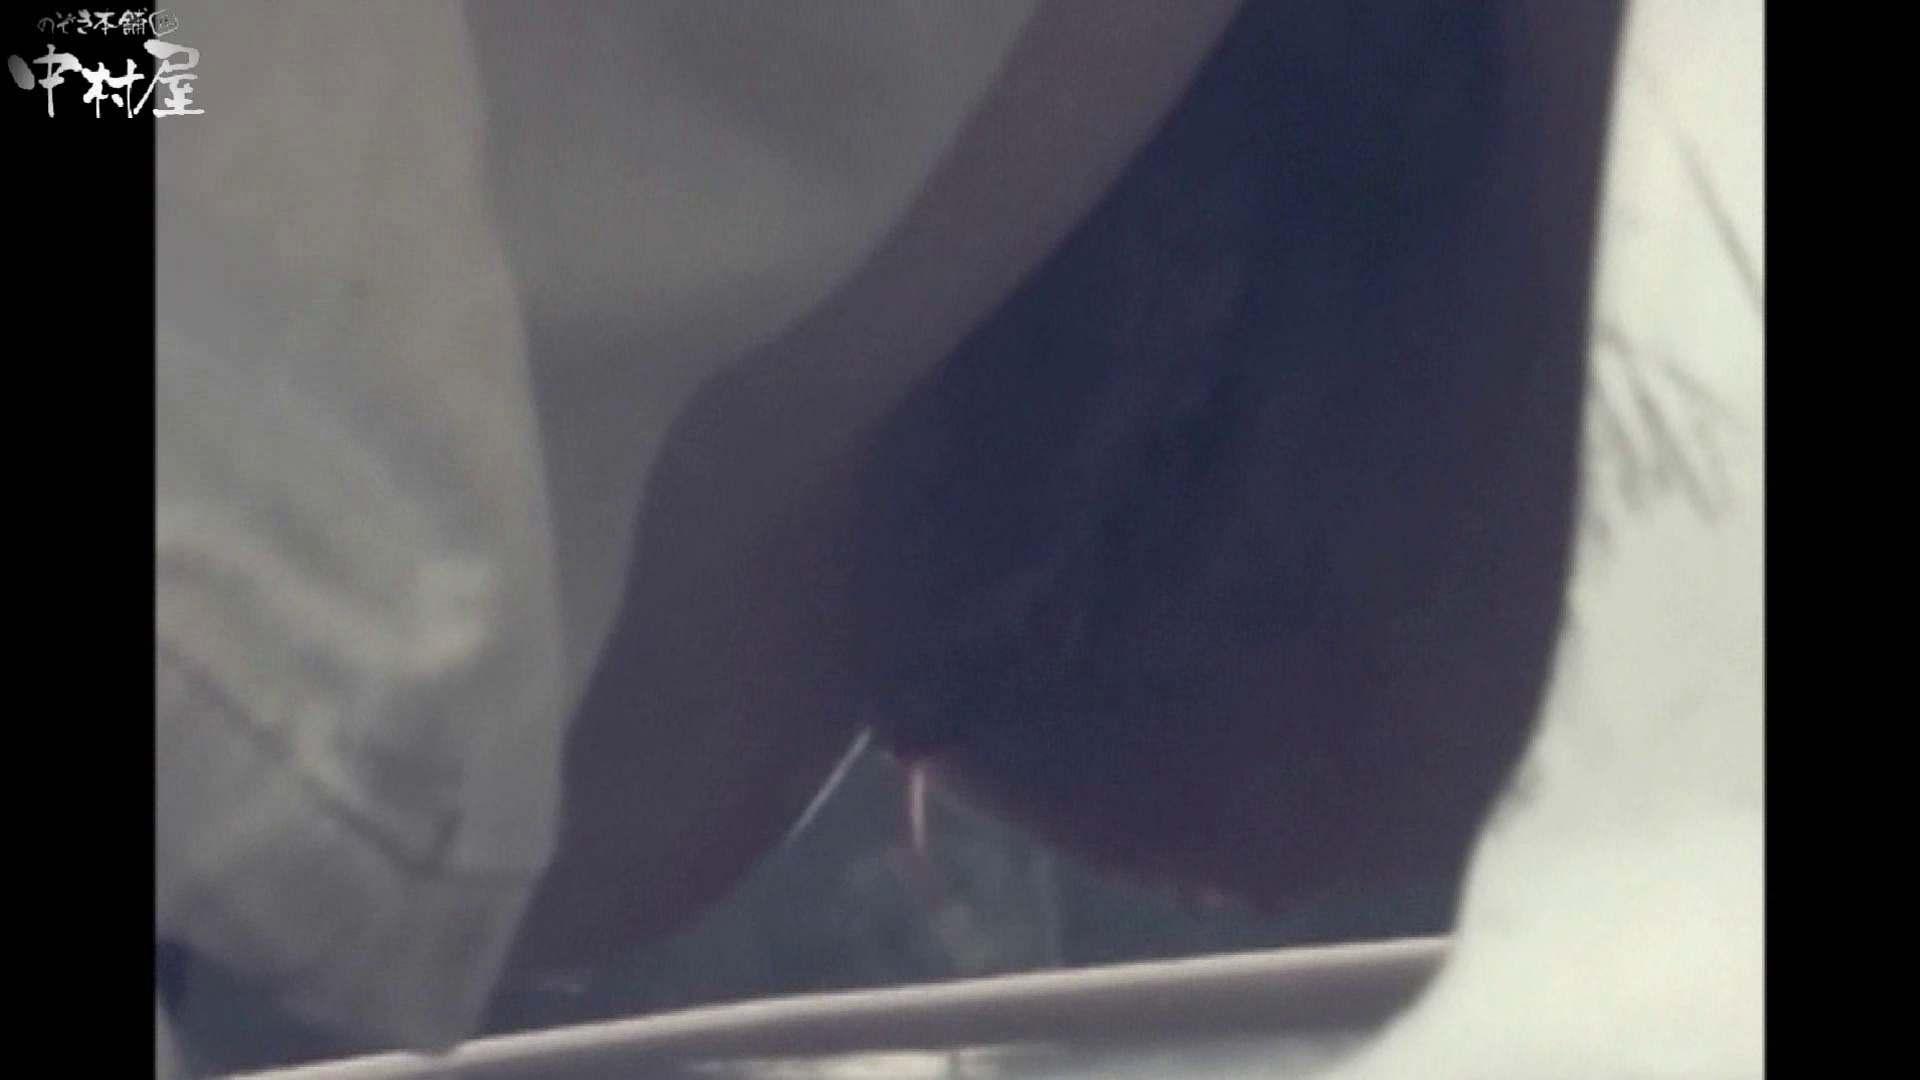 解禁!海の家4カメ洗面所vol.25 人気シリーズ すけべAV動画紹介 99連発 67